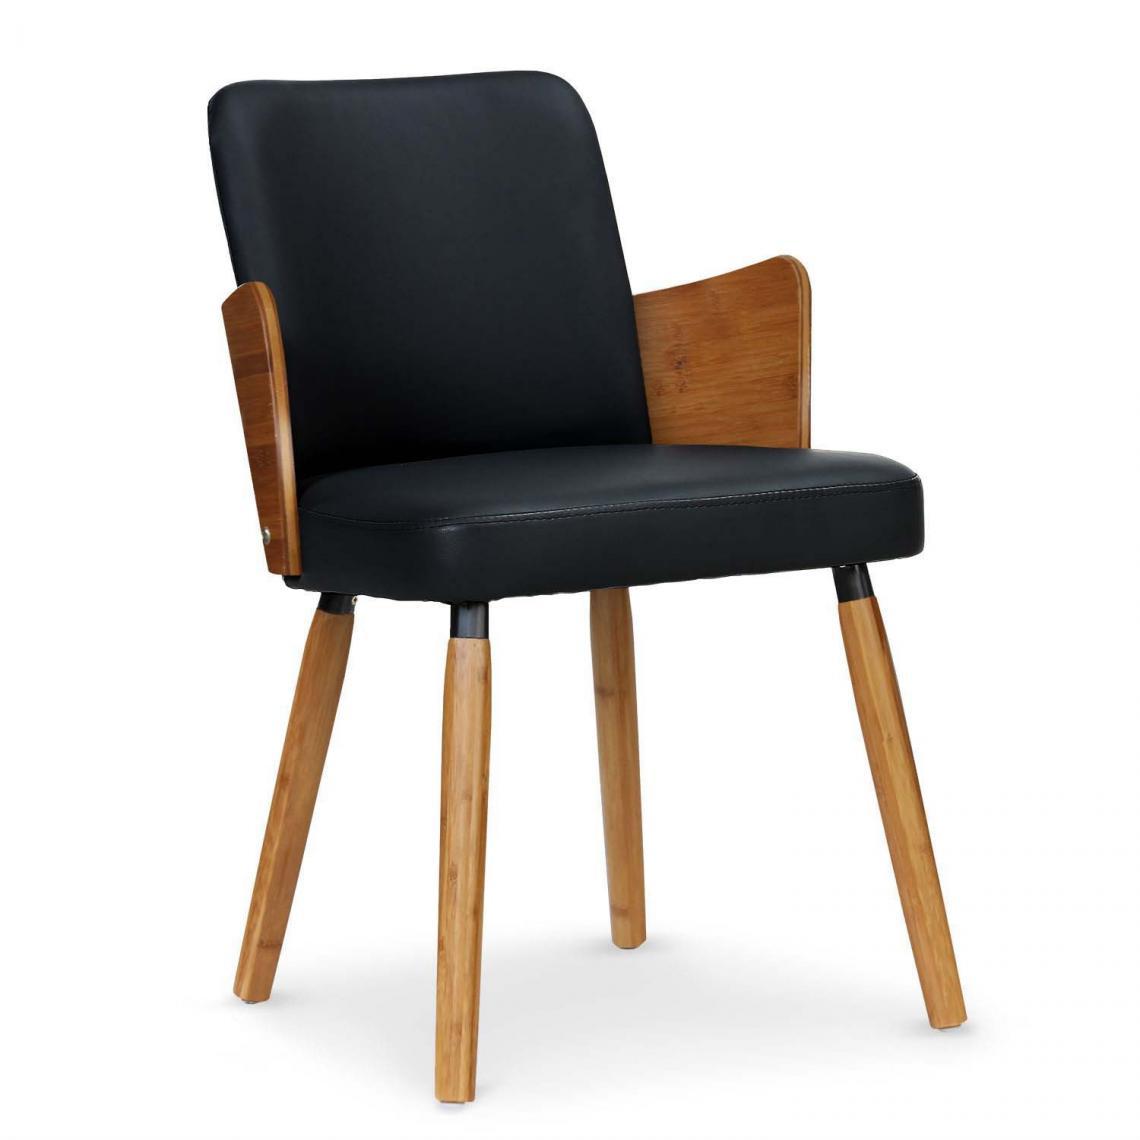 chaises scandinaves bois et noir phibie